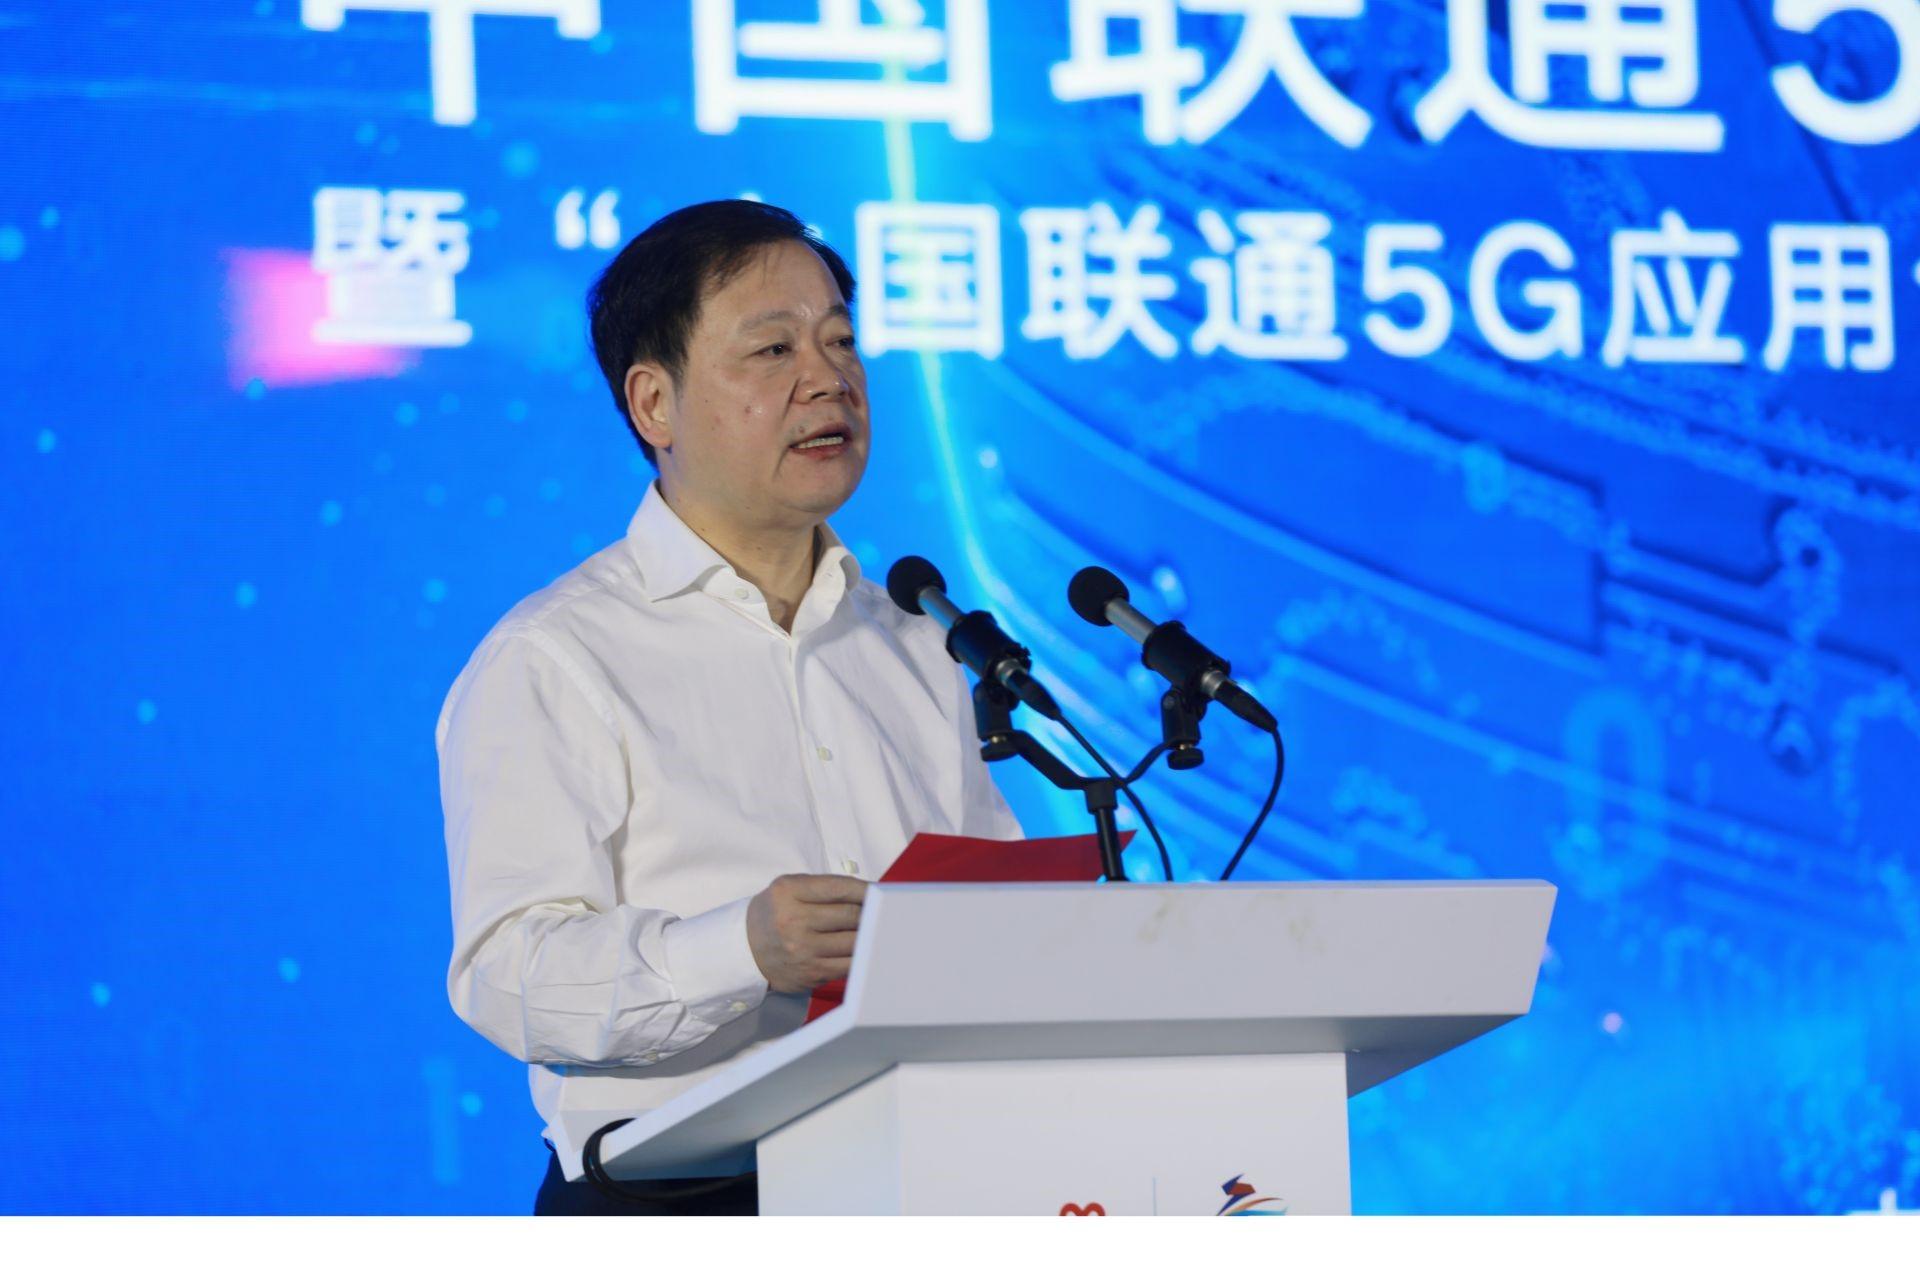 5G新生态,领航新未来——中国联通5G应用创新大会在宁波举行